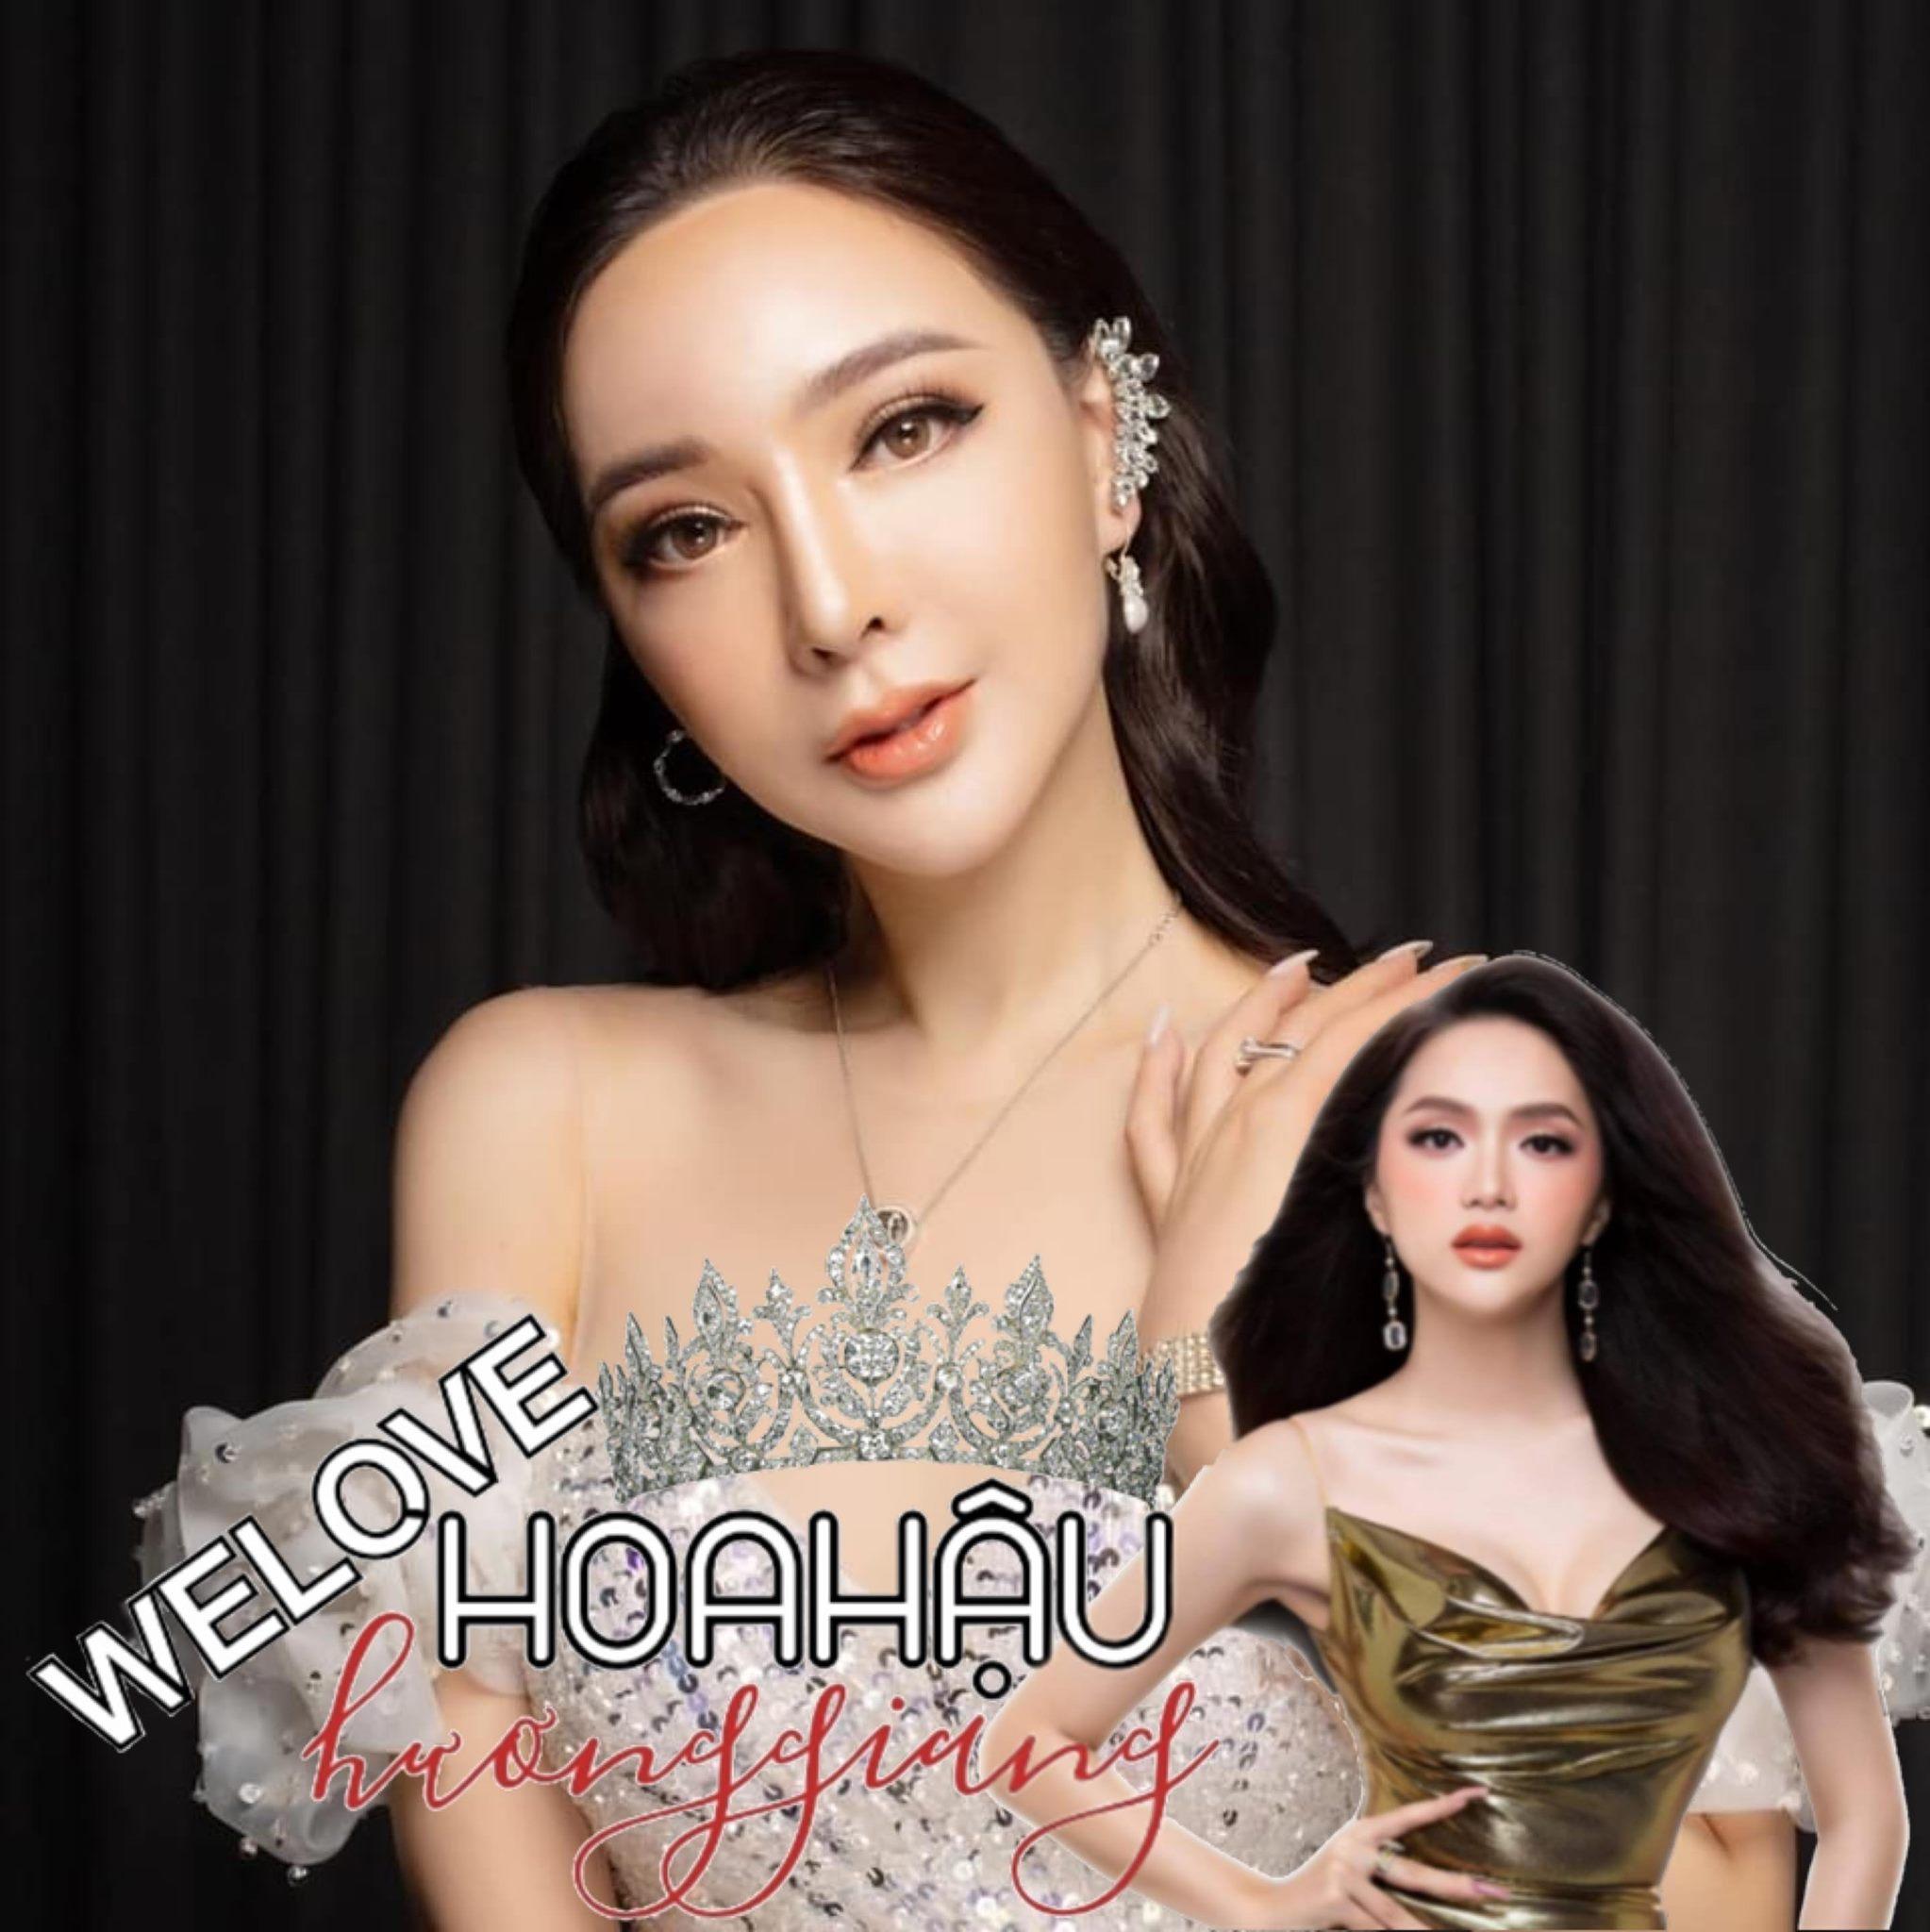 Biến mới: Mỹ nhân từng bảo vệ Hương Giang nay thành antifan sau khi tham gia show người đẹp chuyển giới - Ảnh 7.